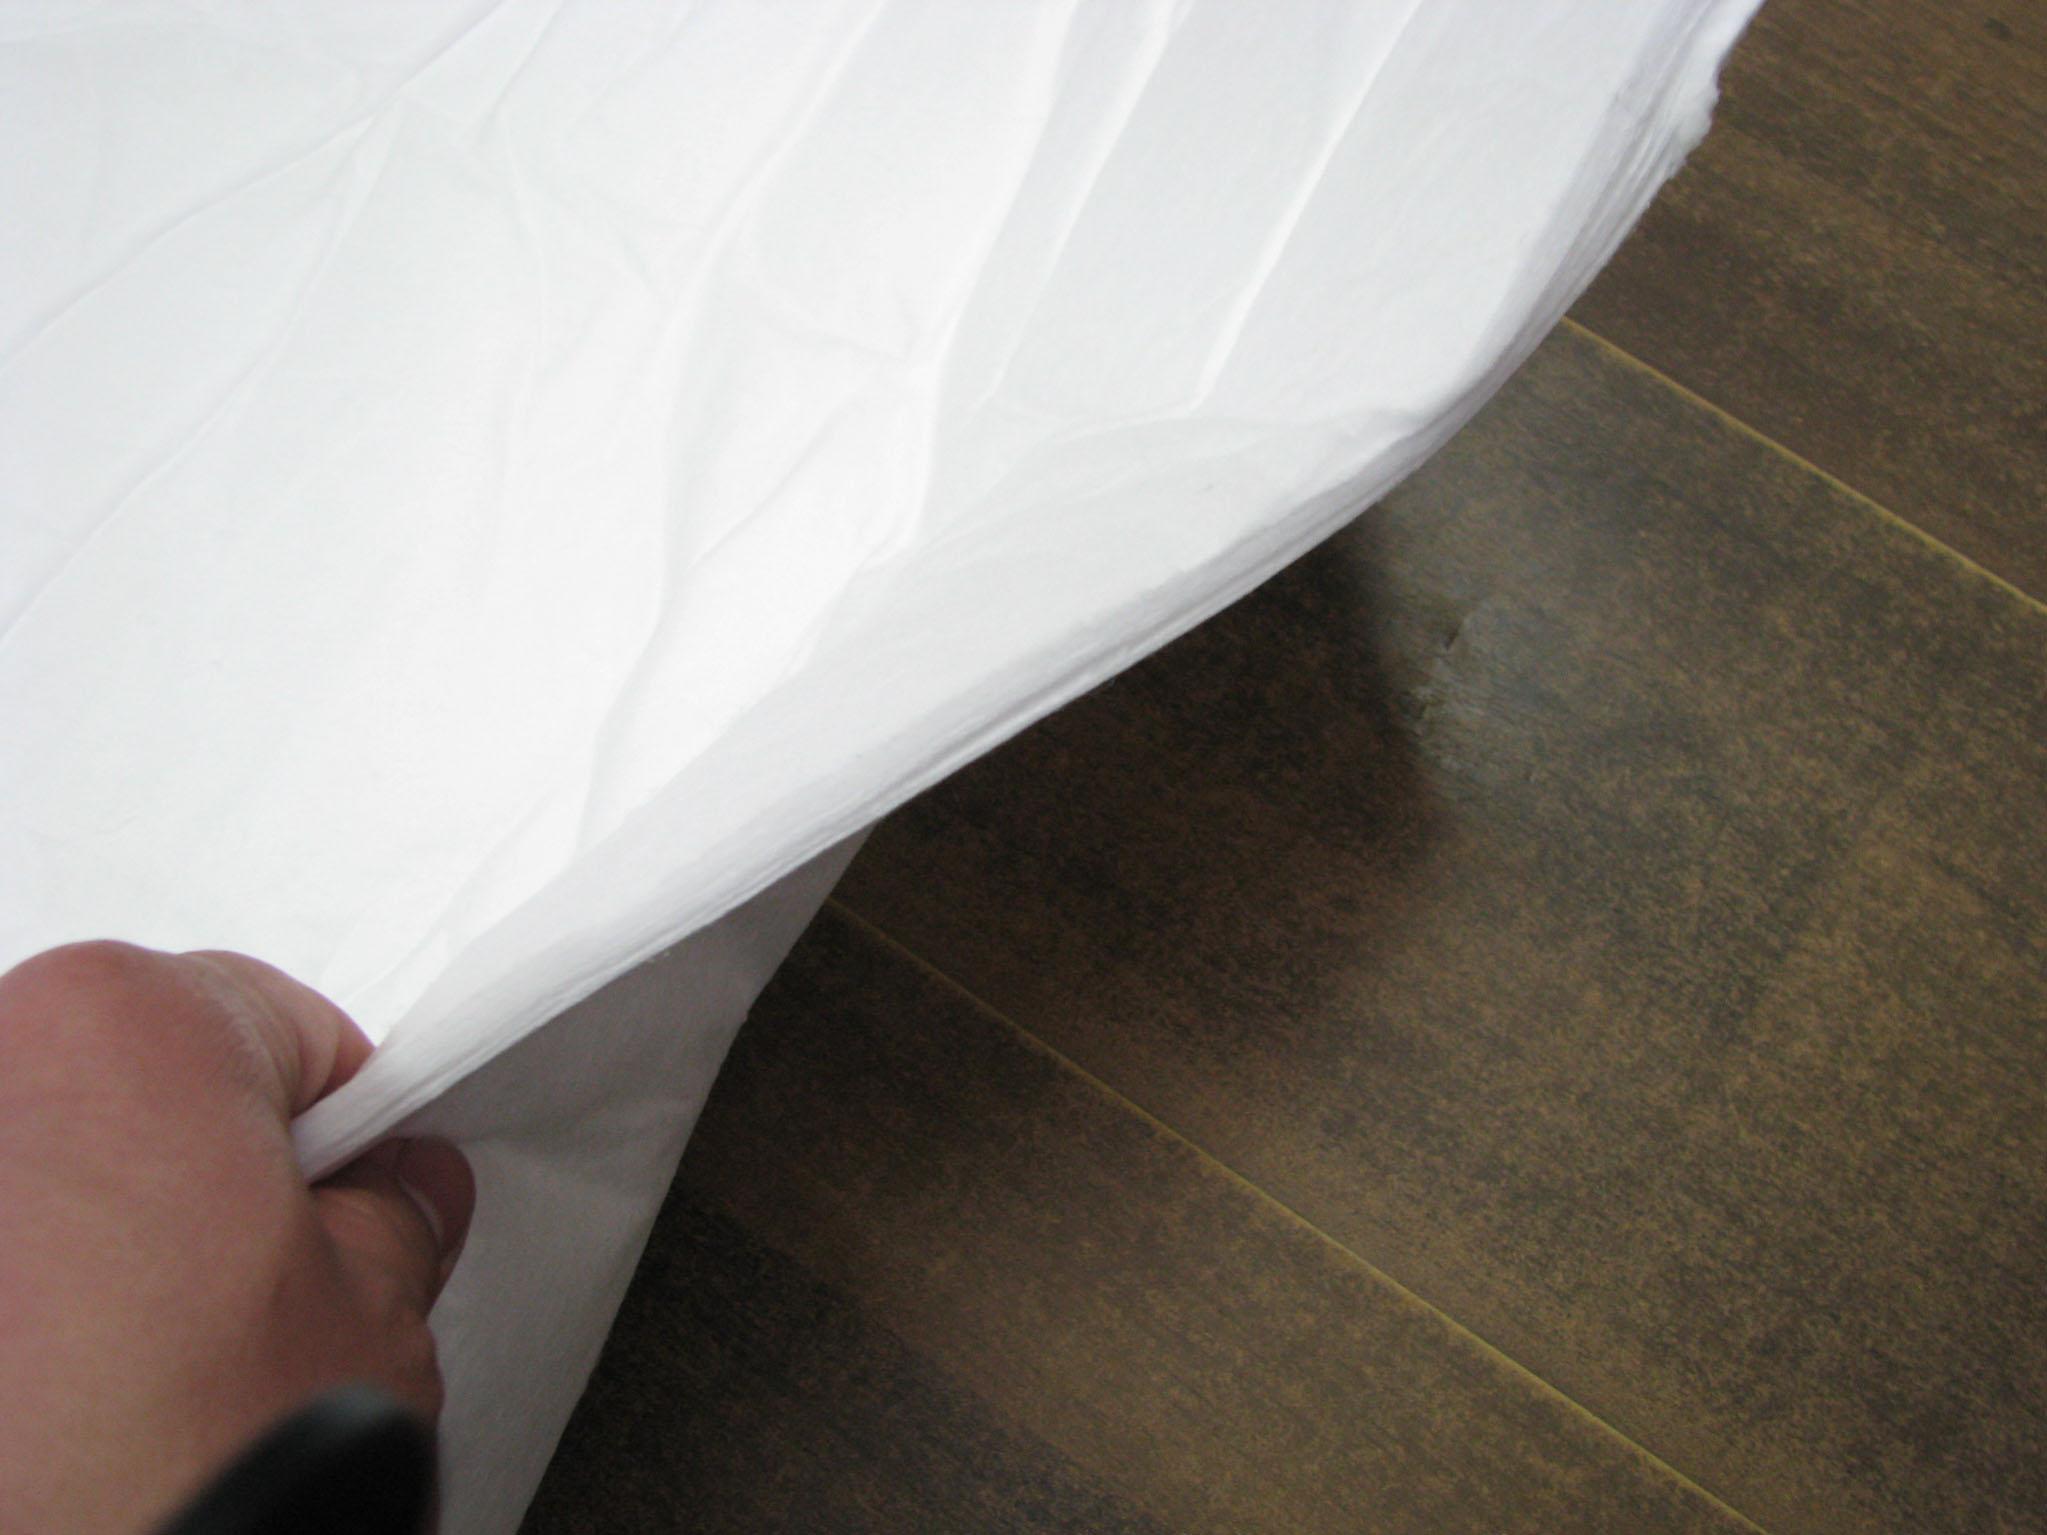 新絡PP-5吸油氈水面油污清潔不吸水吸油氈工業吸油棉 2